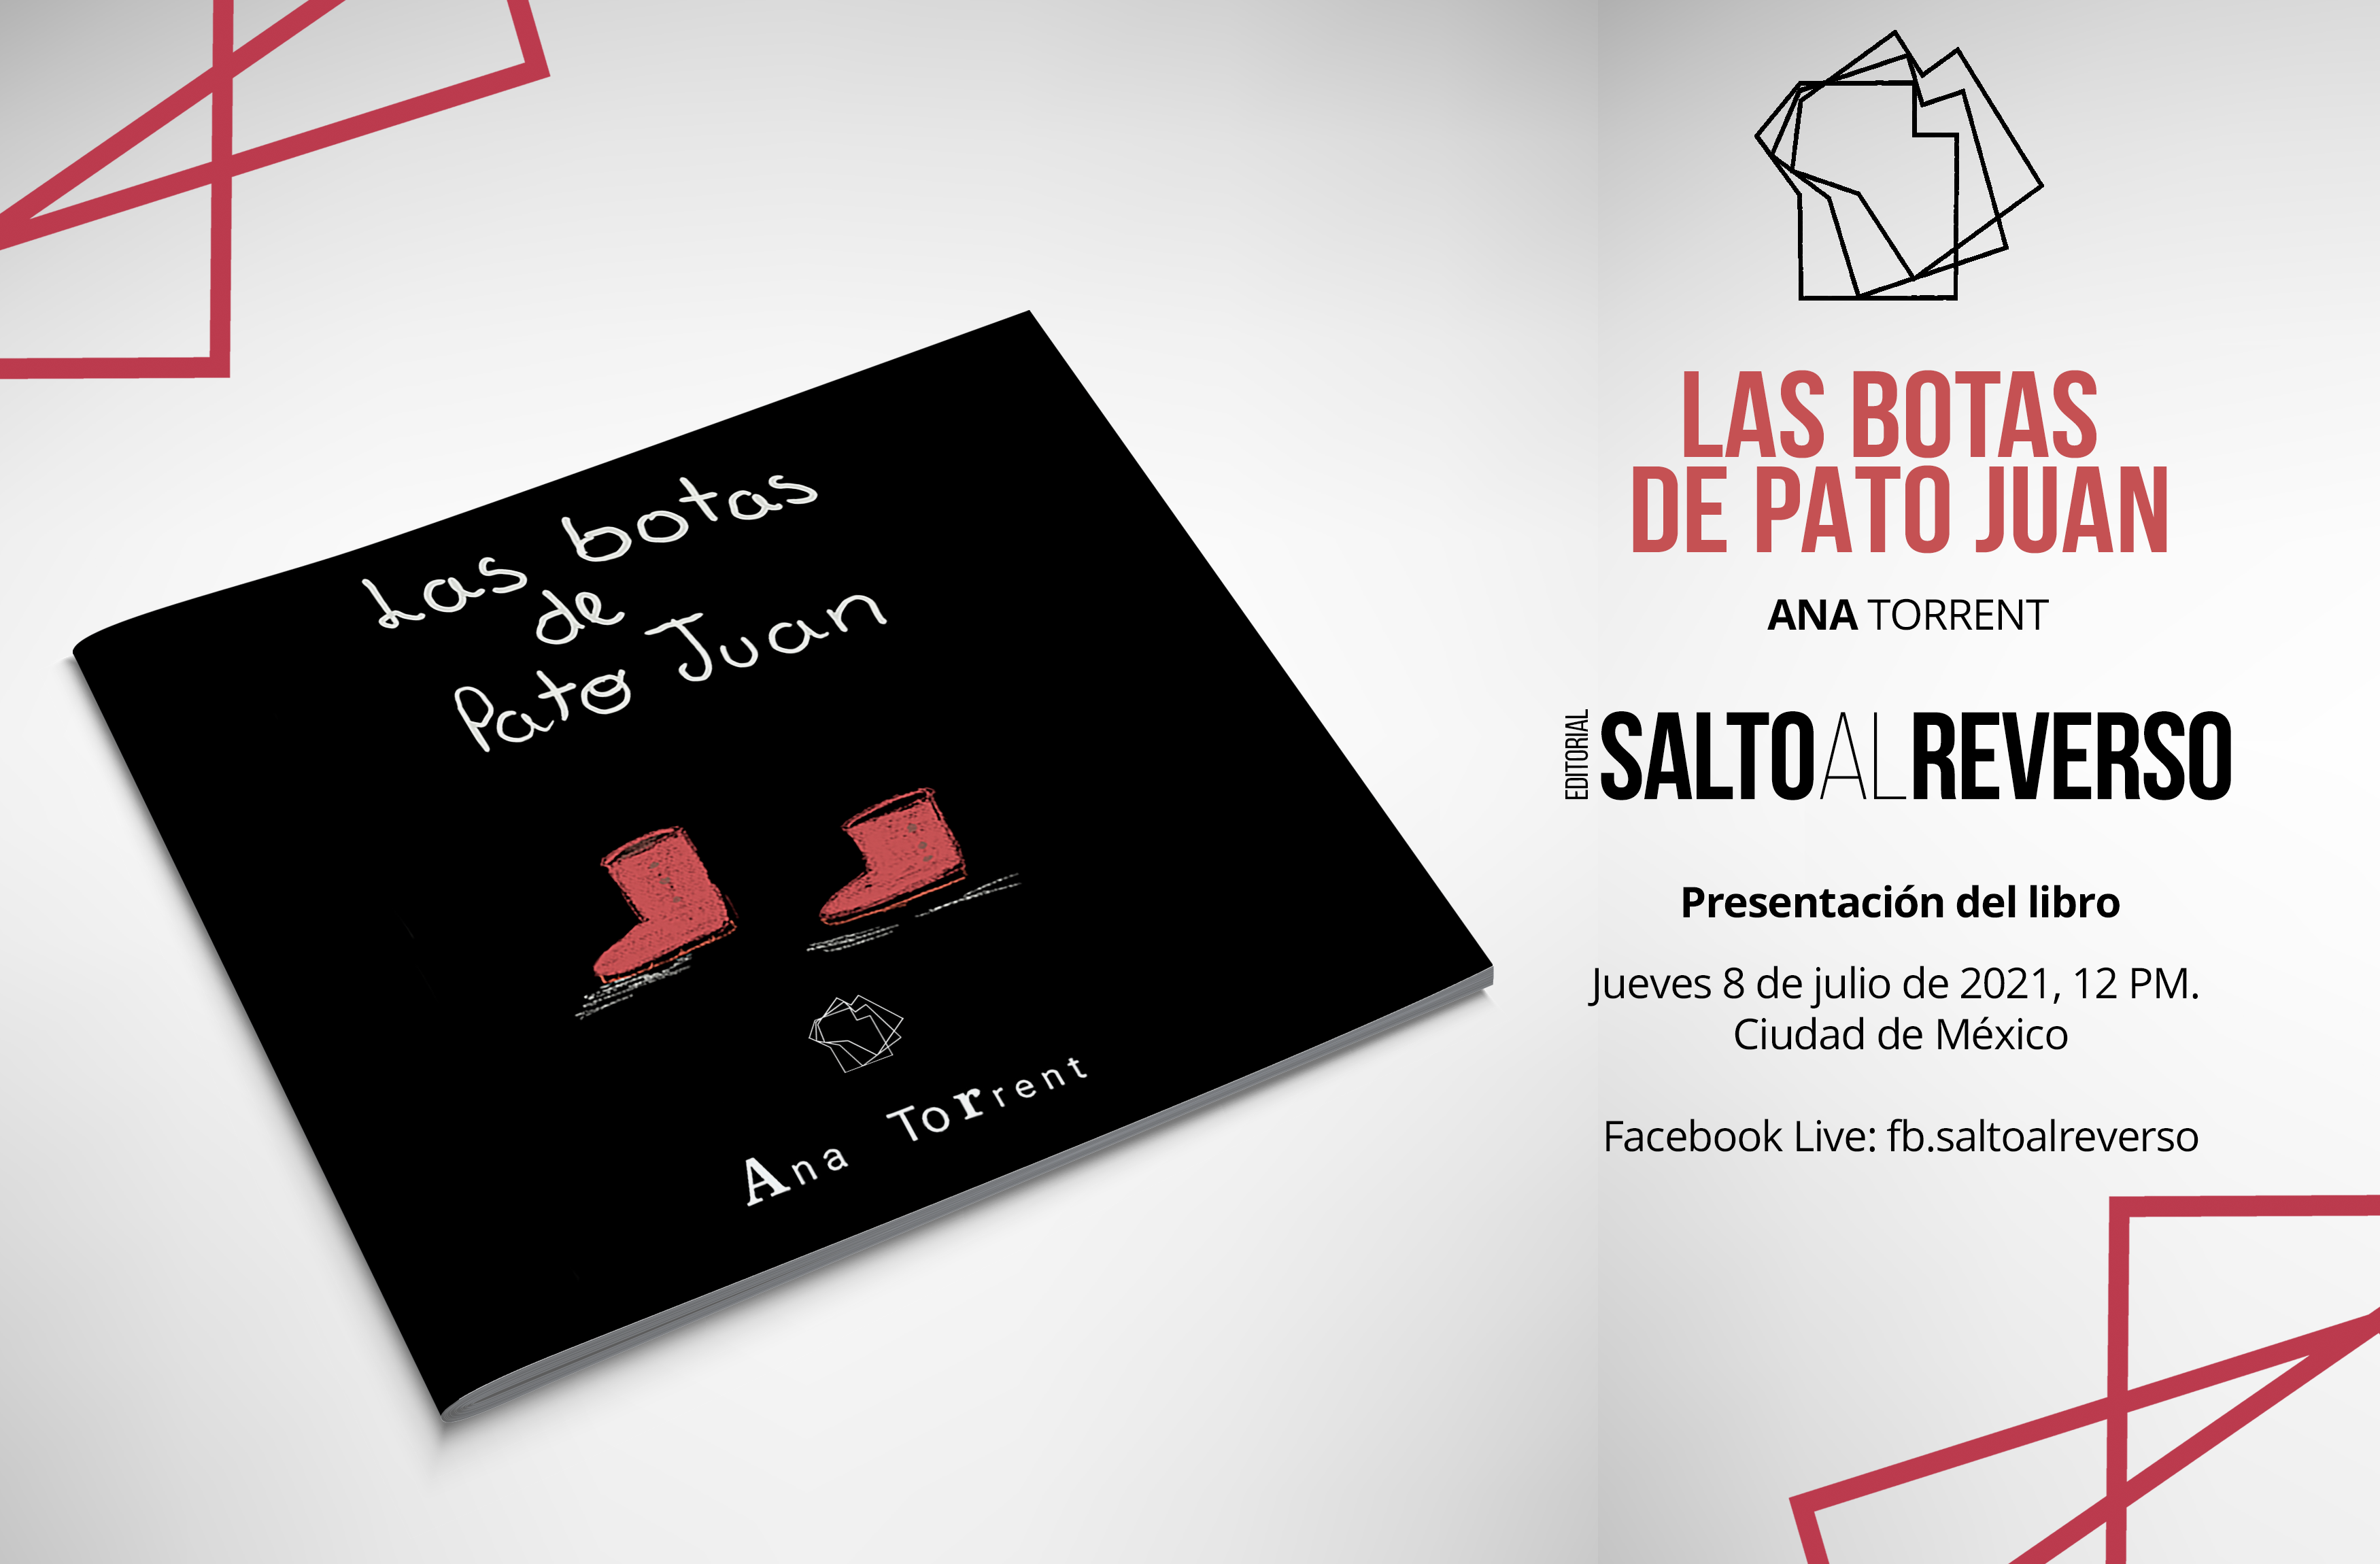 Próxima presentación del libro «Las botas de Pato Juan»